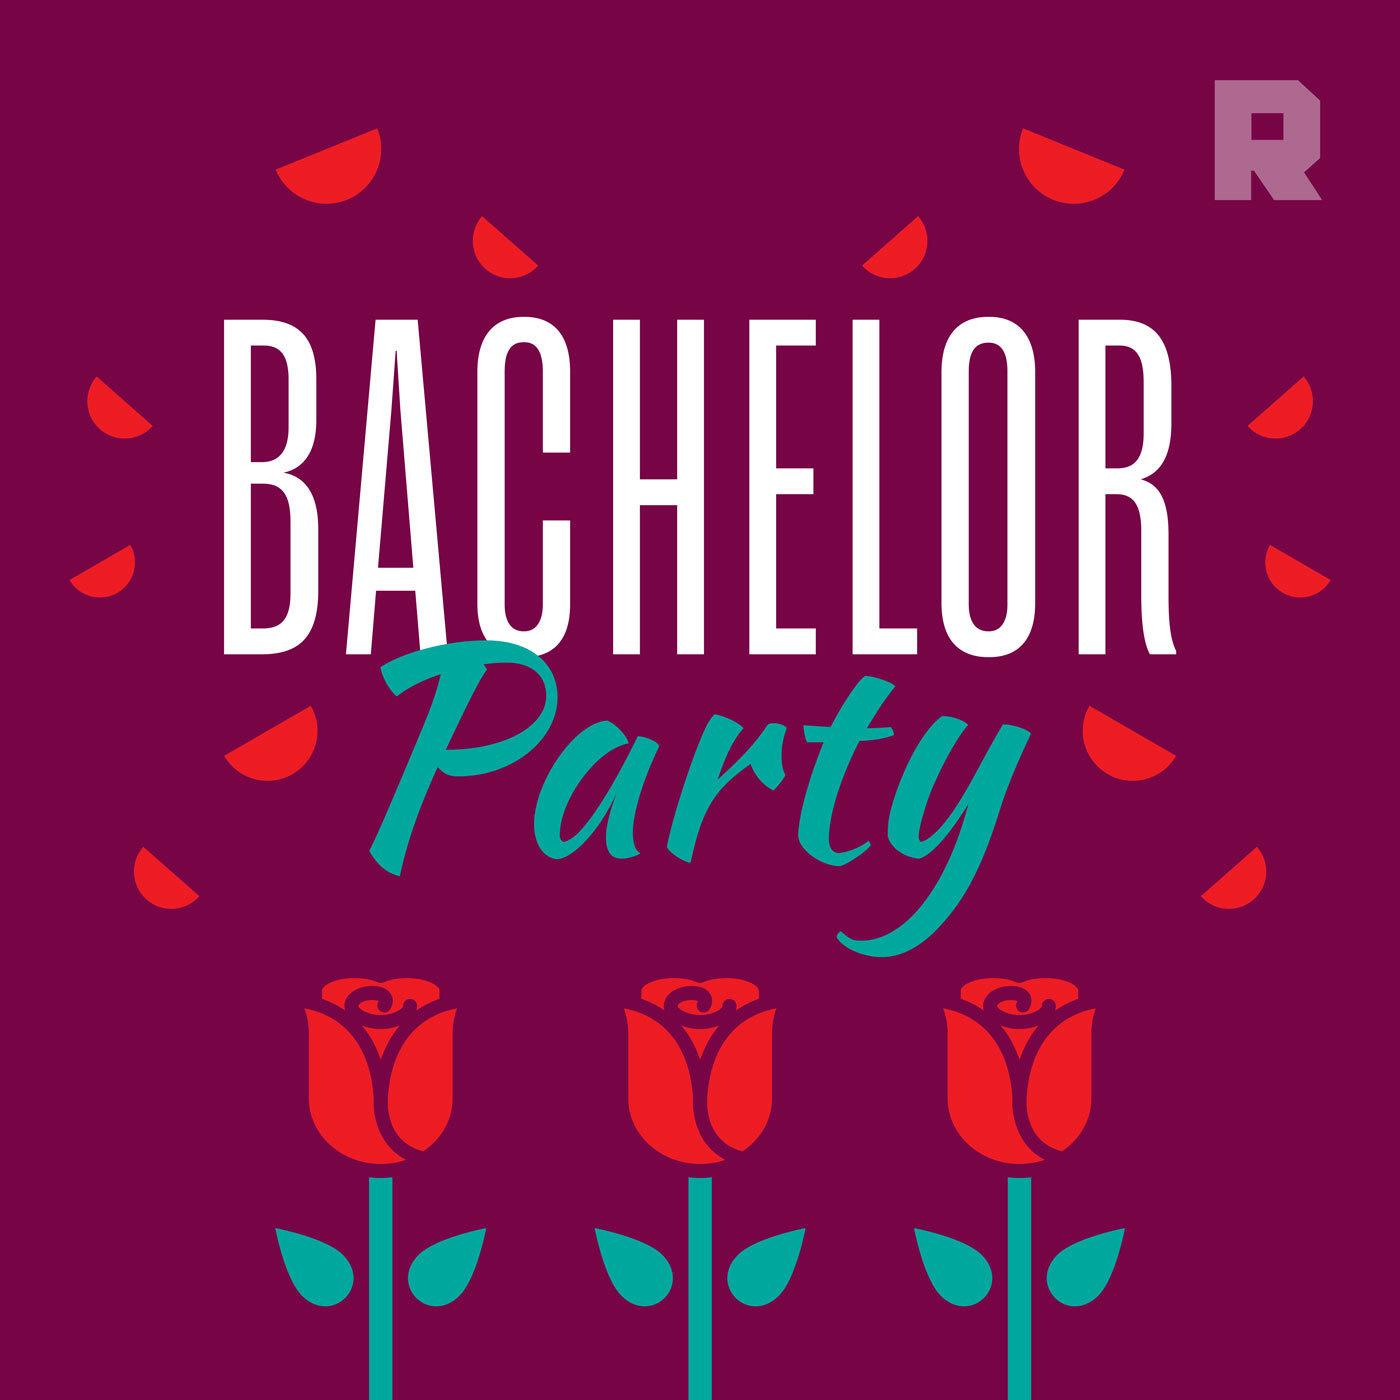 An Offseason 'Bachelor' Mailbag | Bachelor Party